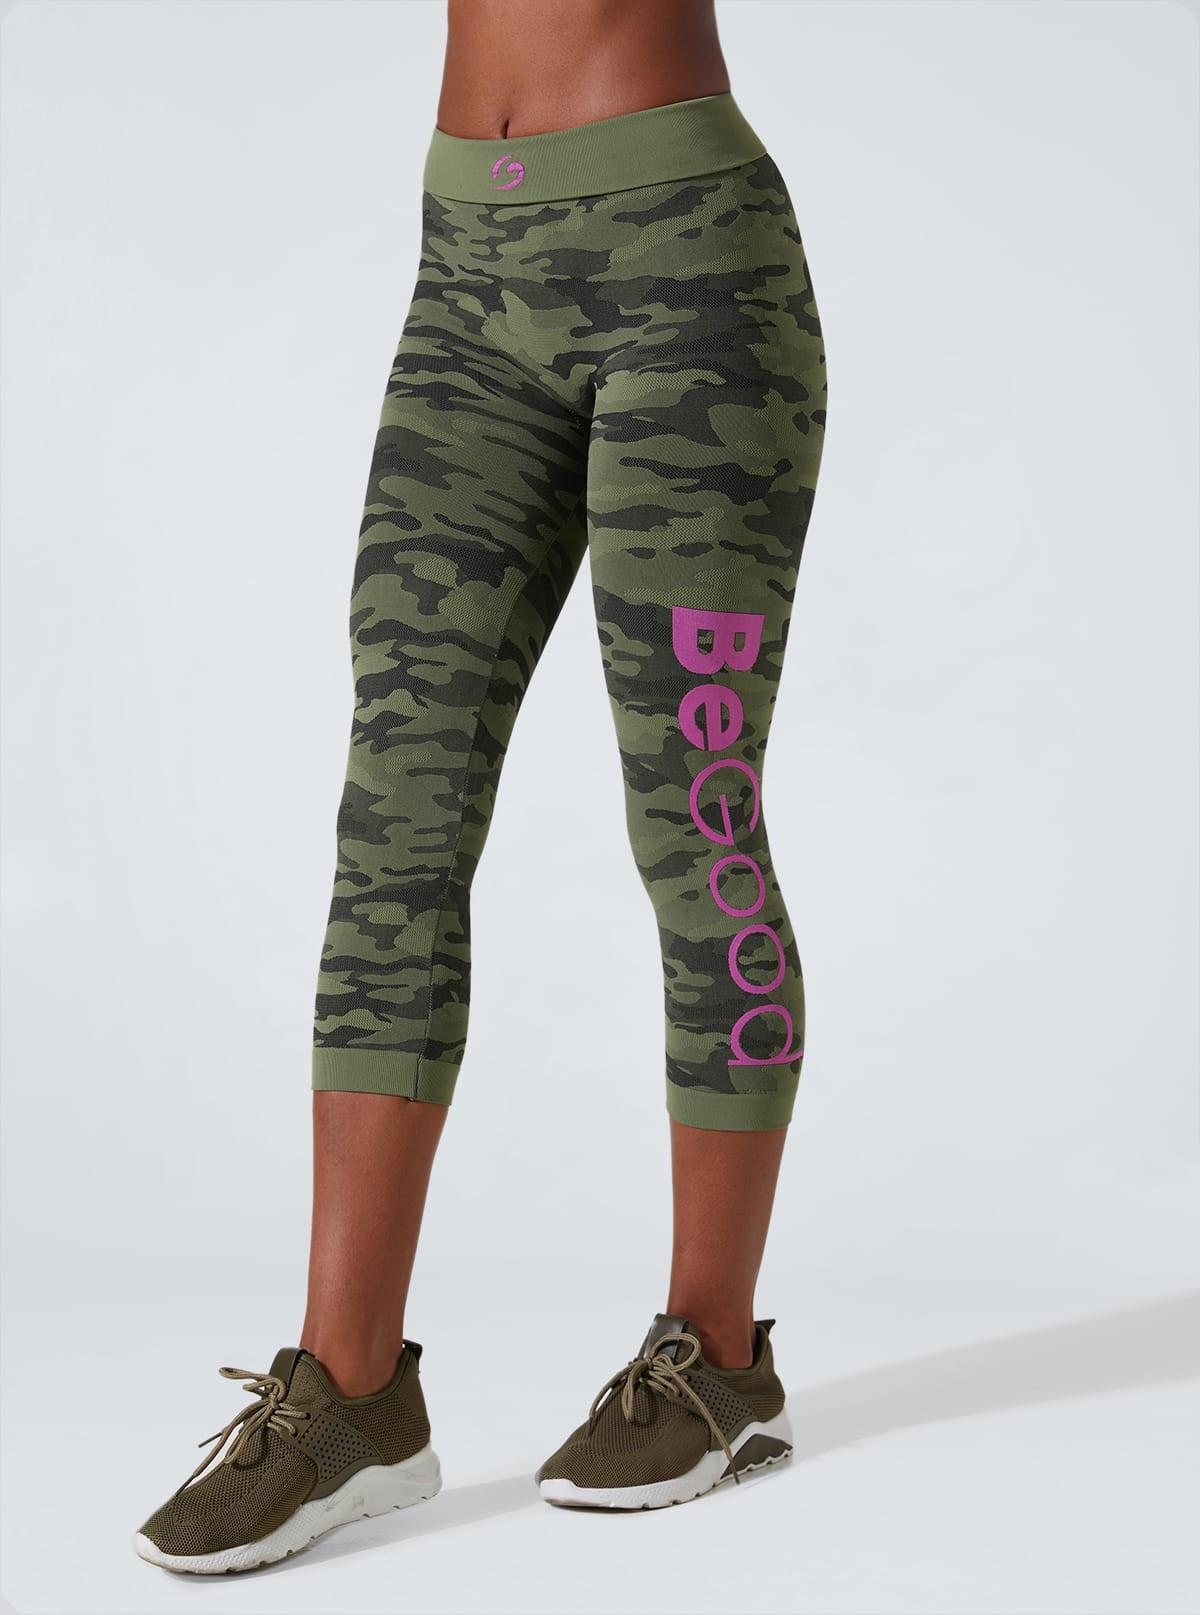 Short Leggings Capri Sport Camouflage in Dermofibra® Cosmetics